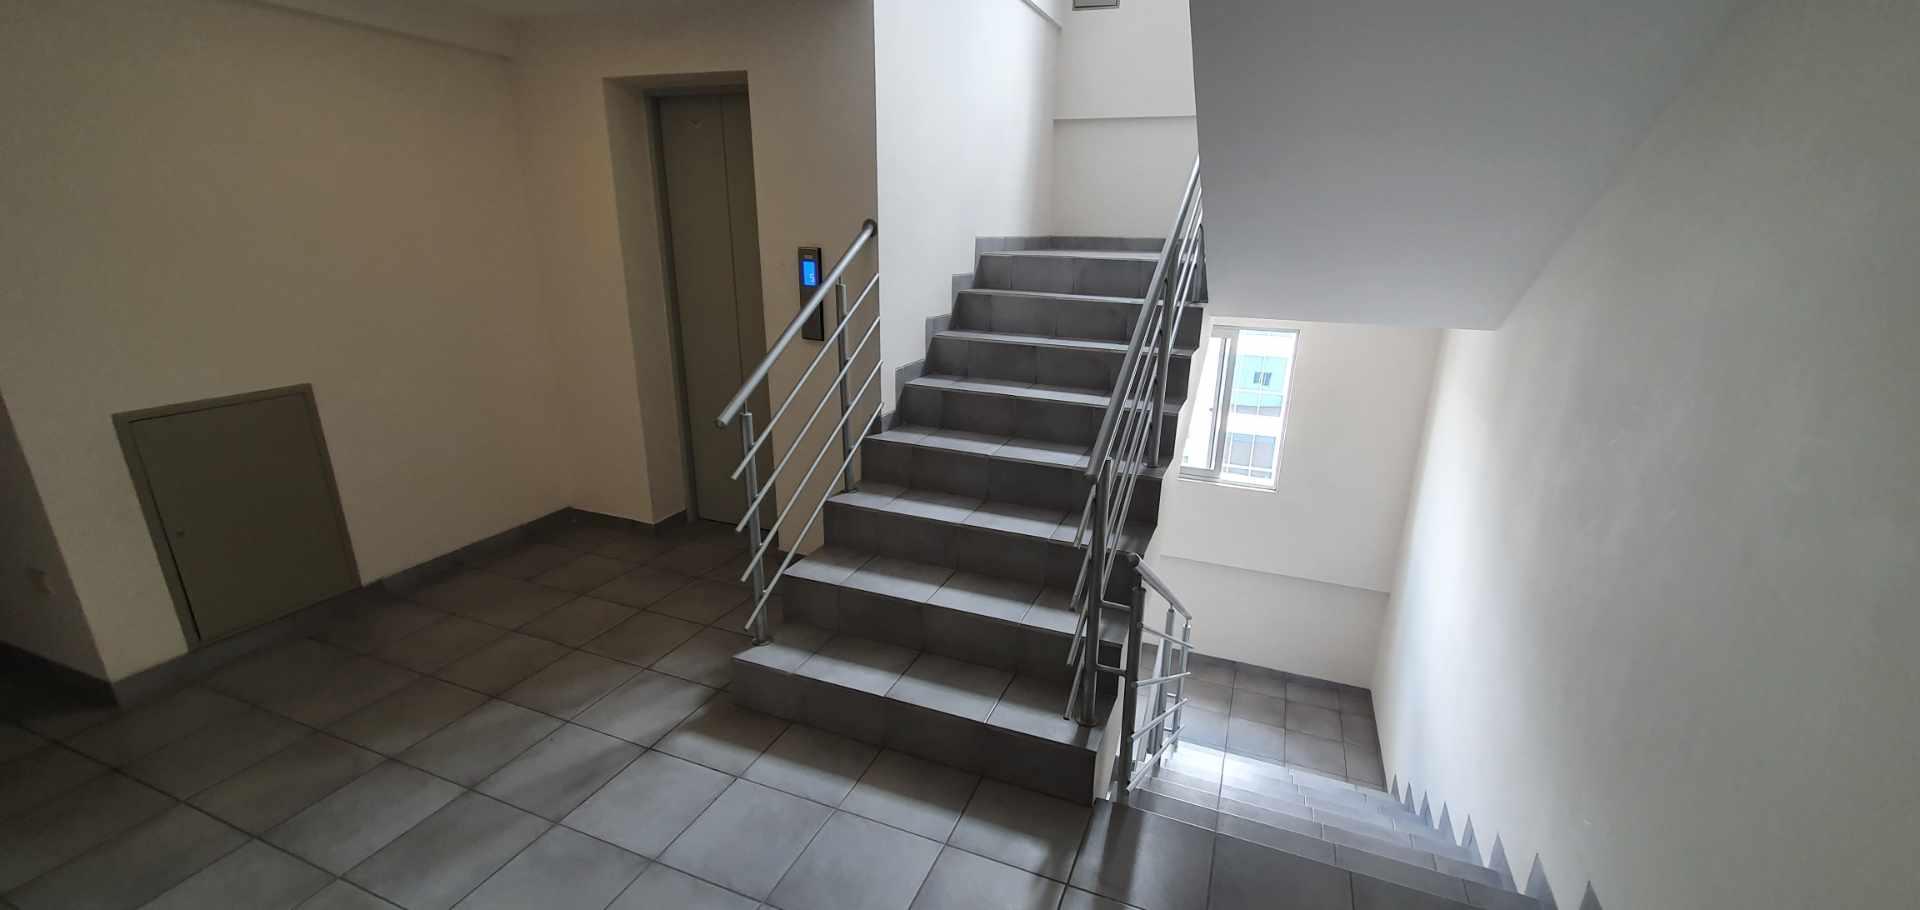 Departamento en Alquiler Beni esquina Tomas Frías Foto 8